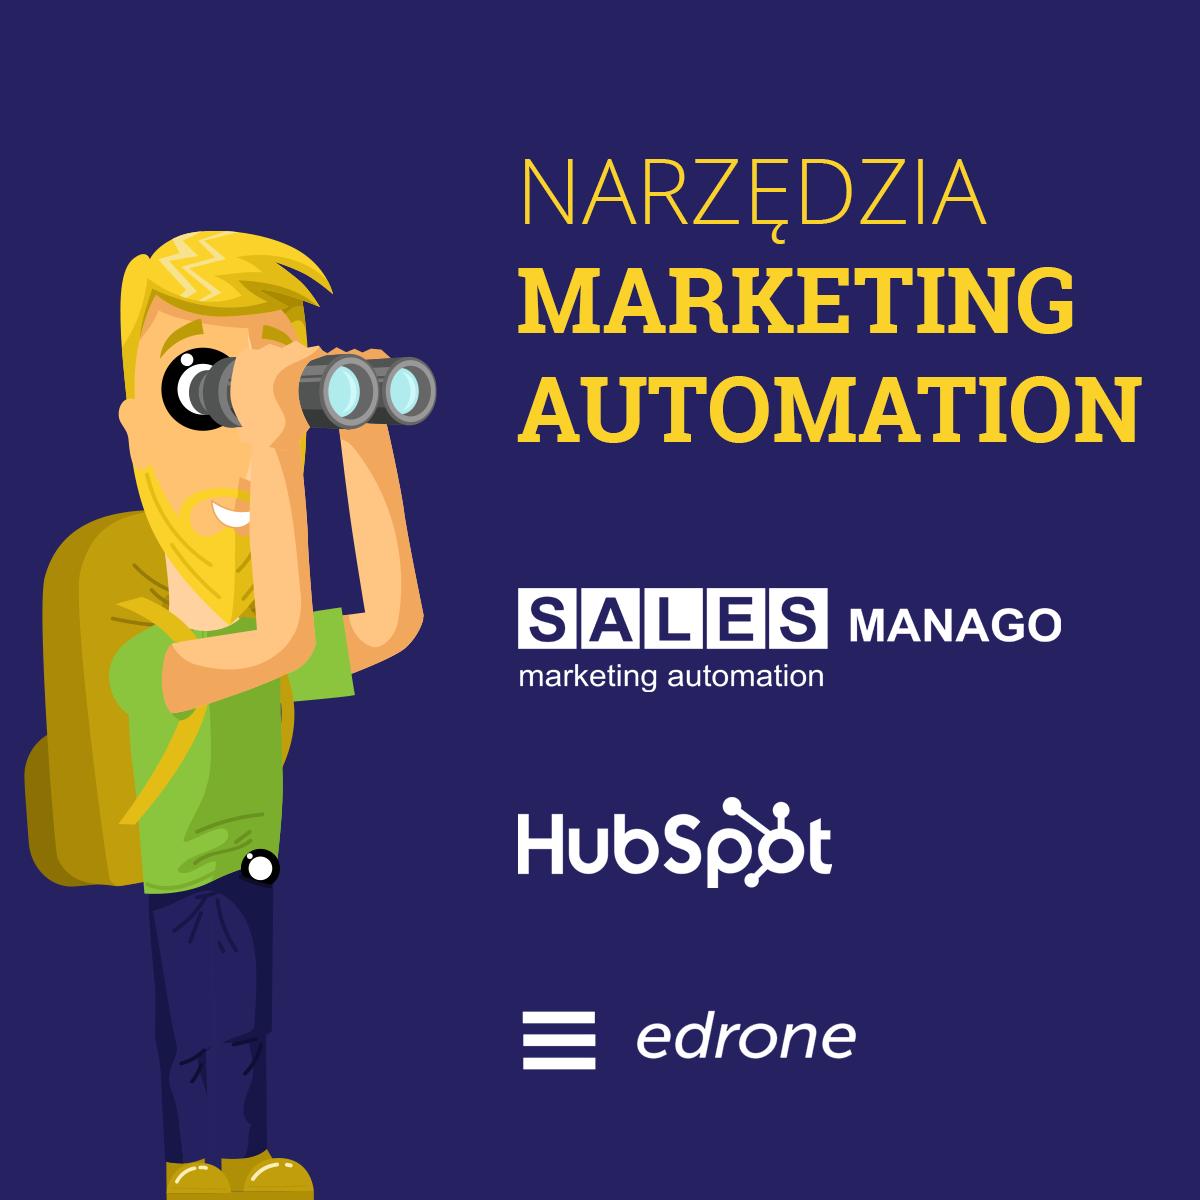 Enzo wyszukuje narzędzi do automatyzacji marketingu